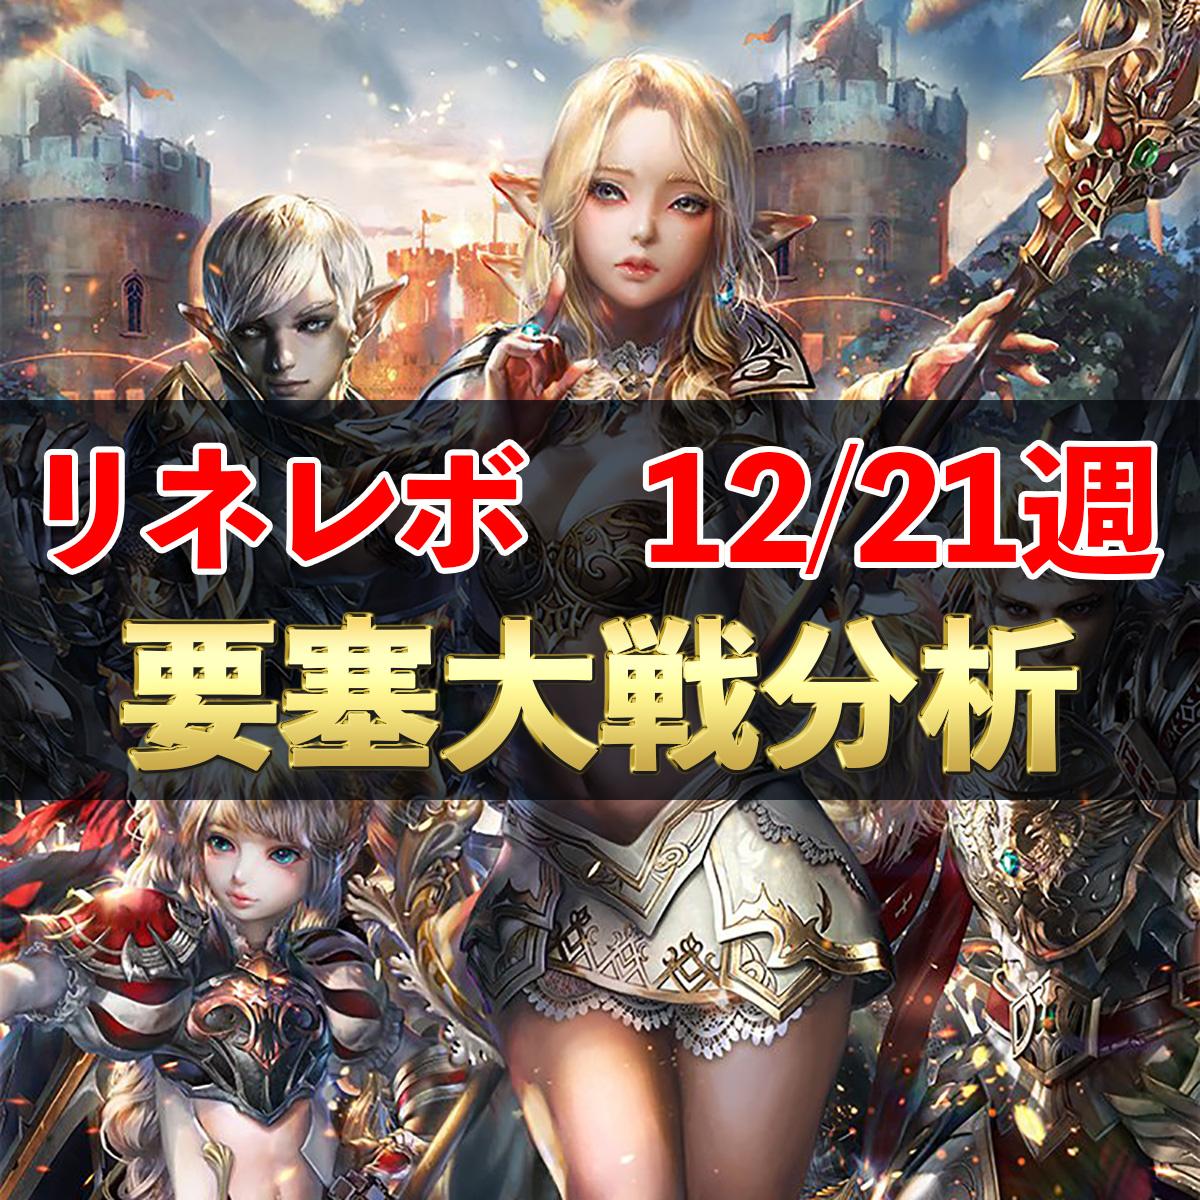 【リネレボ】12/21週 要塞大戦戦績分析